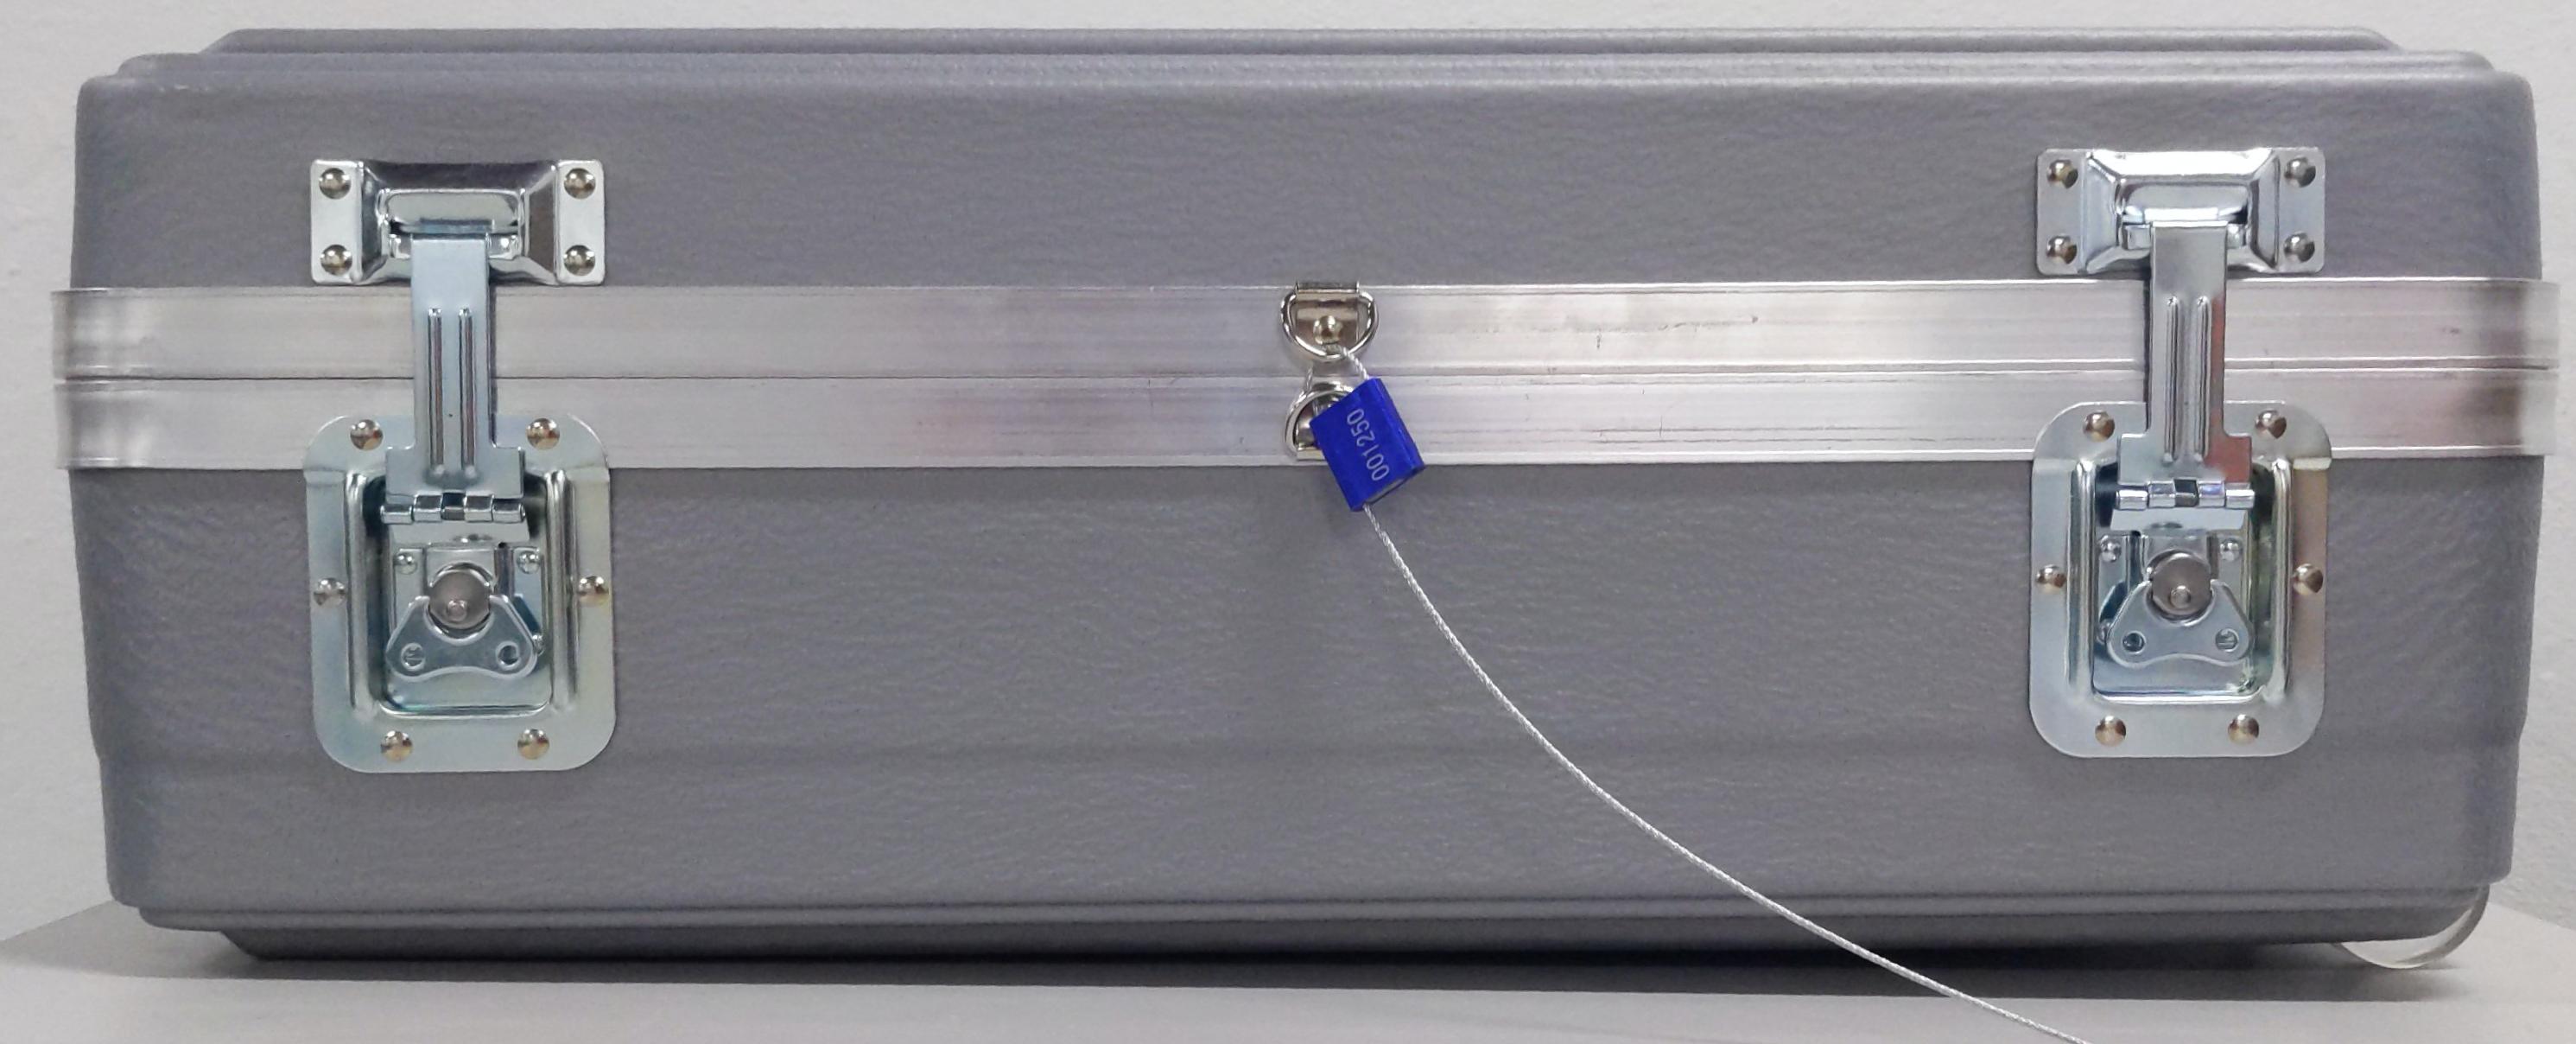 Anneaux en D sécurisés par un câble de scellé de sécurité